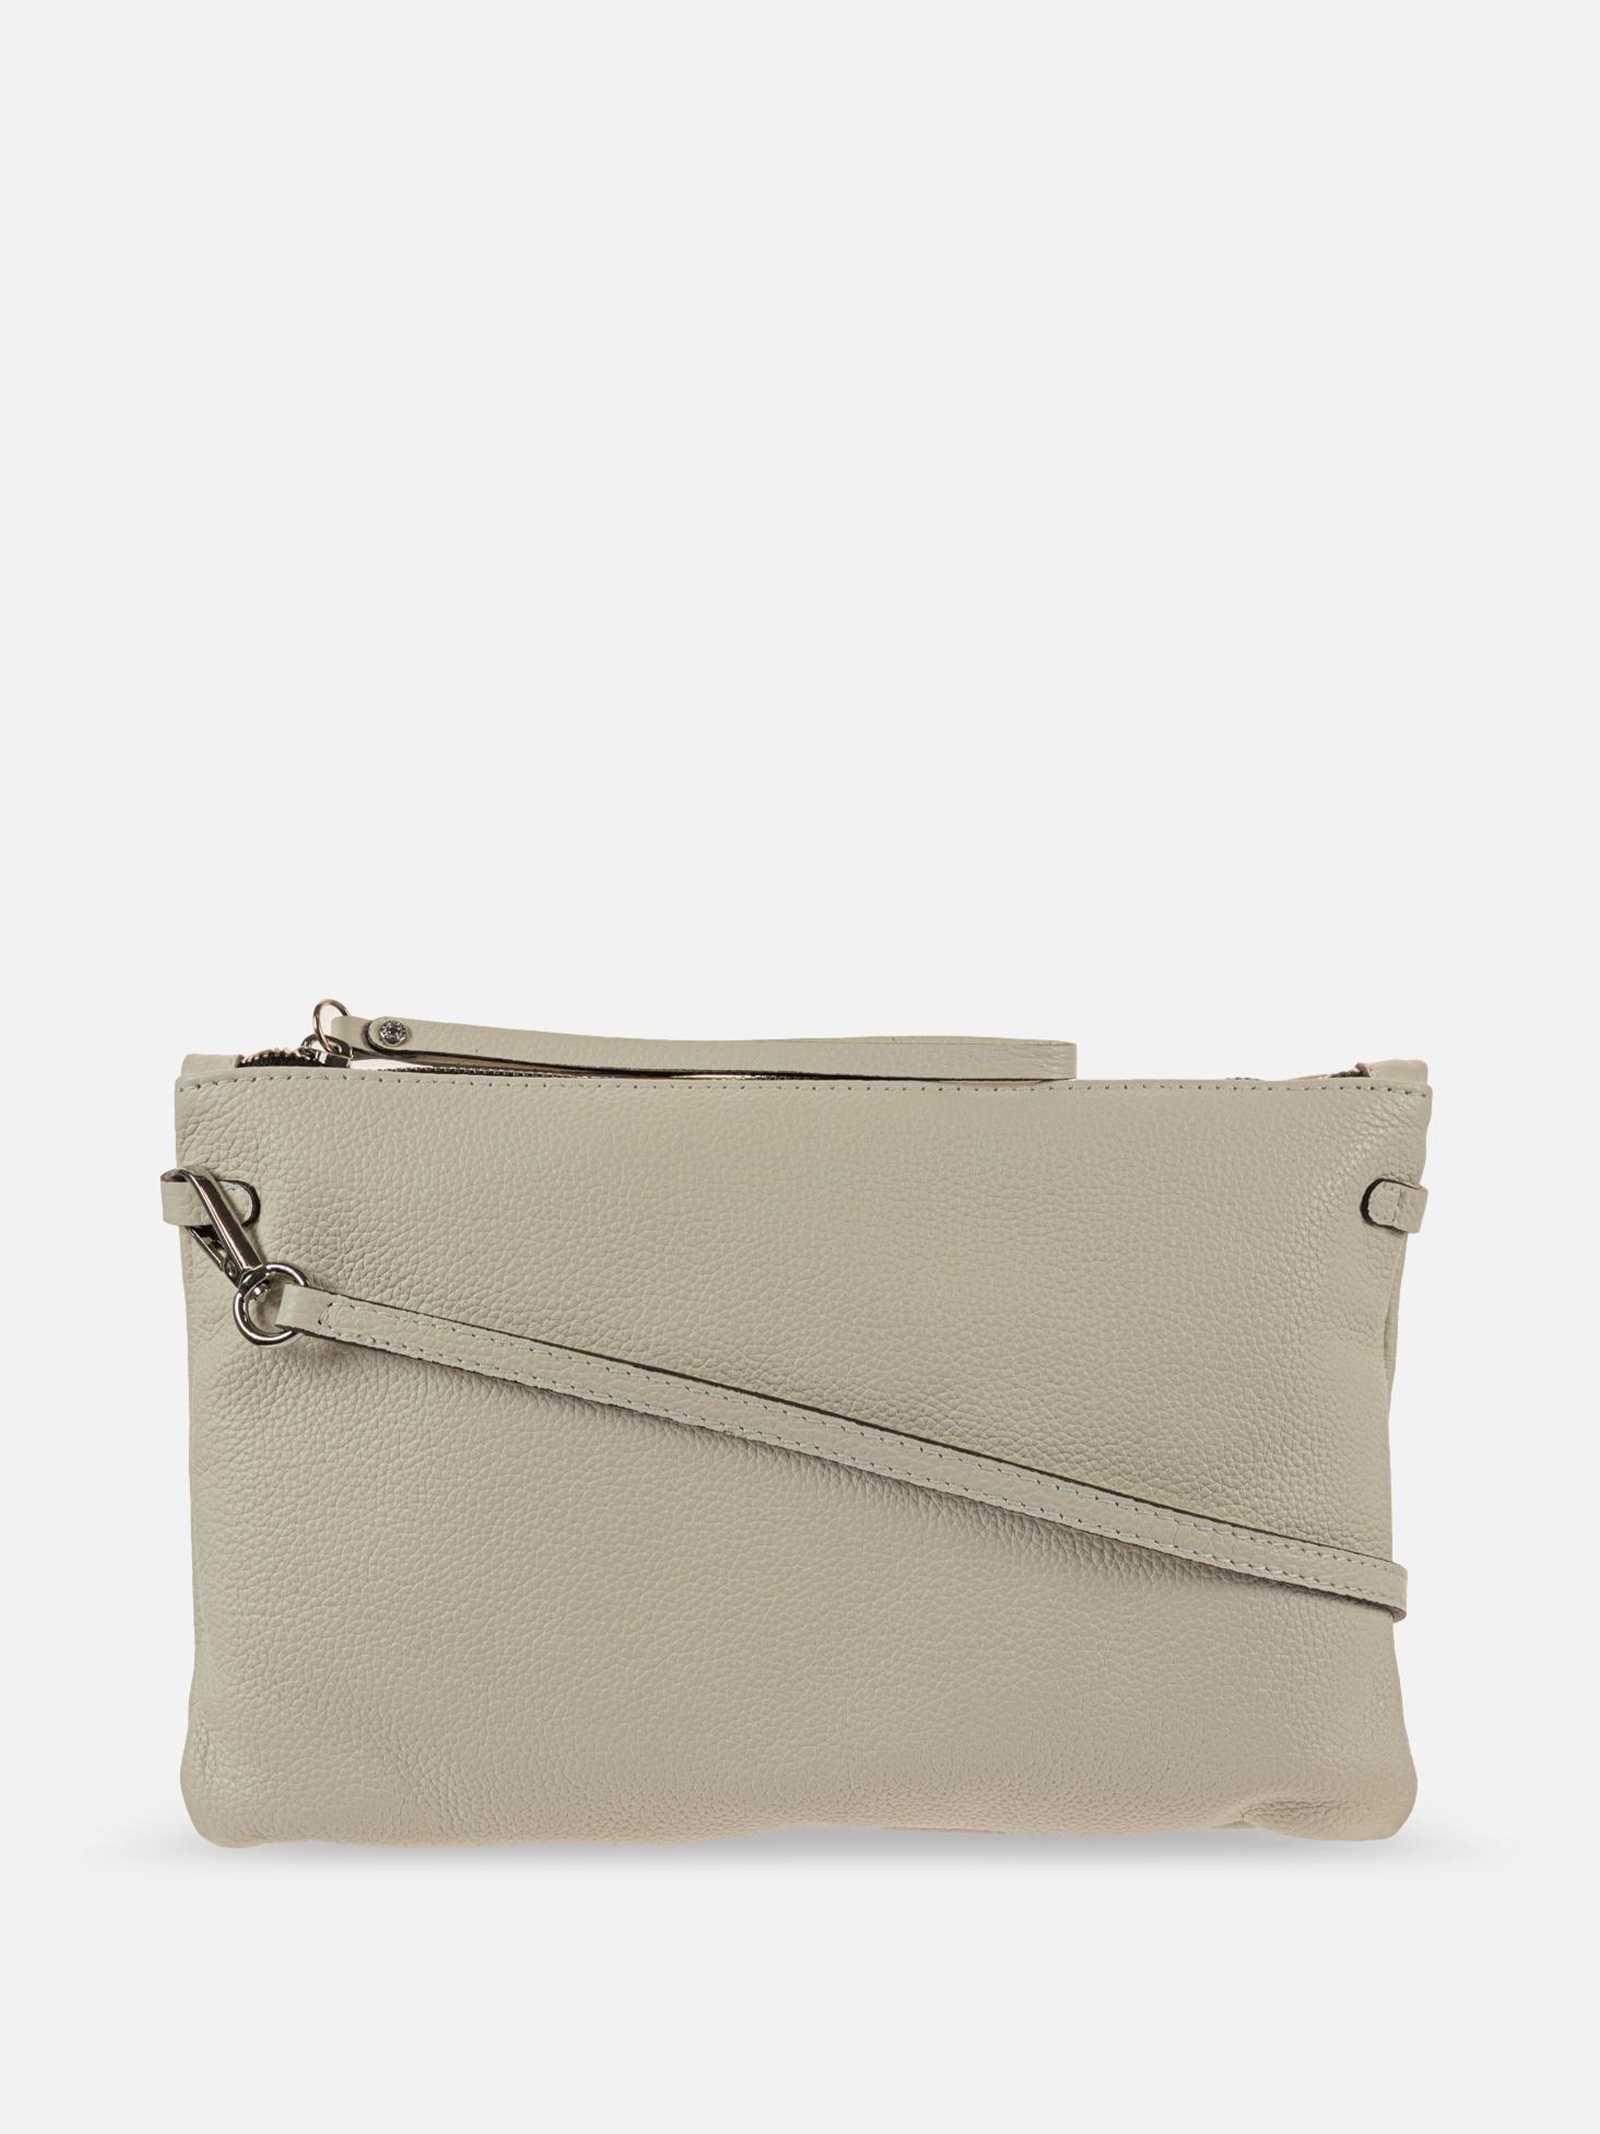 Clutch bag Gianni Chiarini GIANNI CHIARINI   5032286   BS36953890